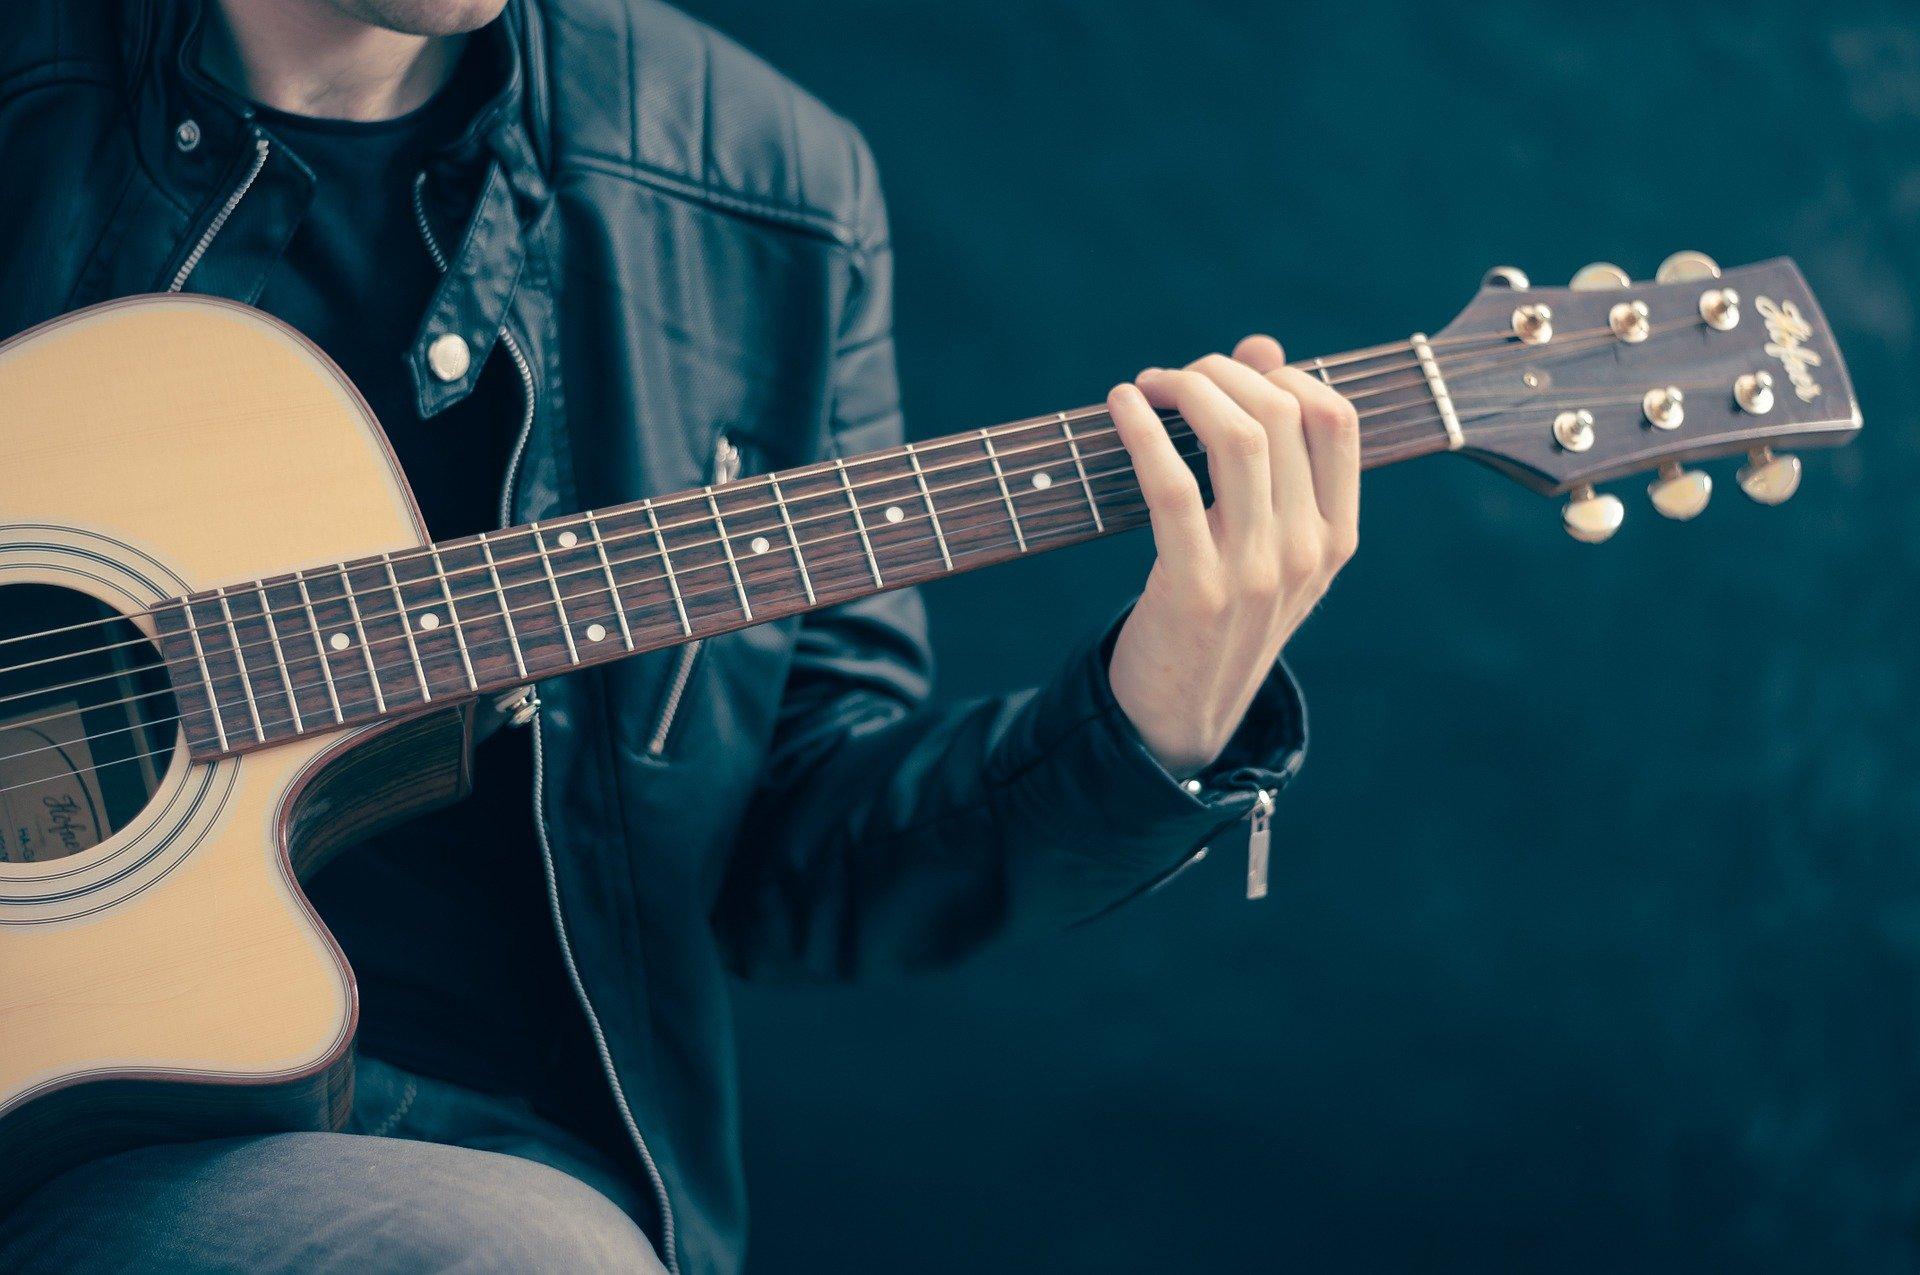 Gitarre-Musik-Musiker-Konzert